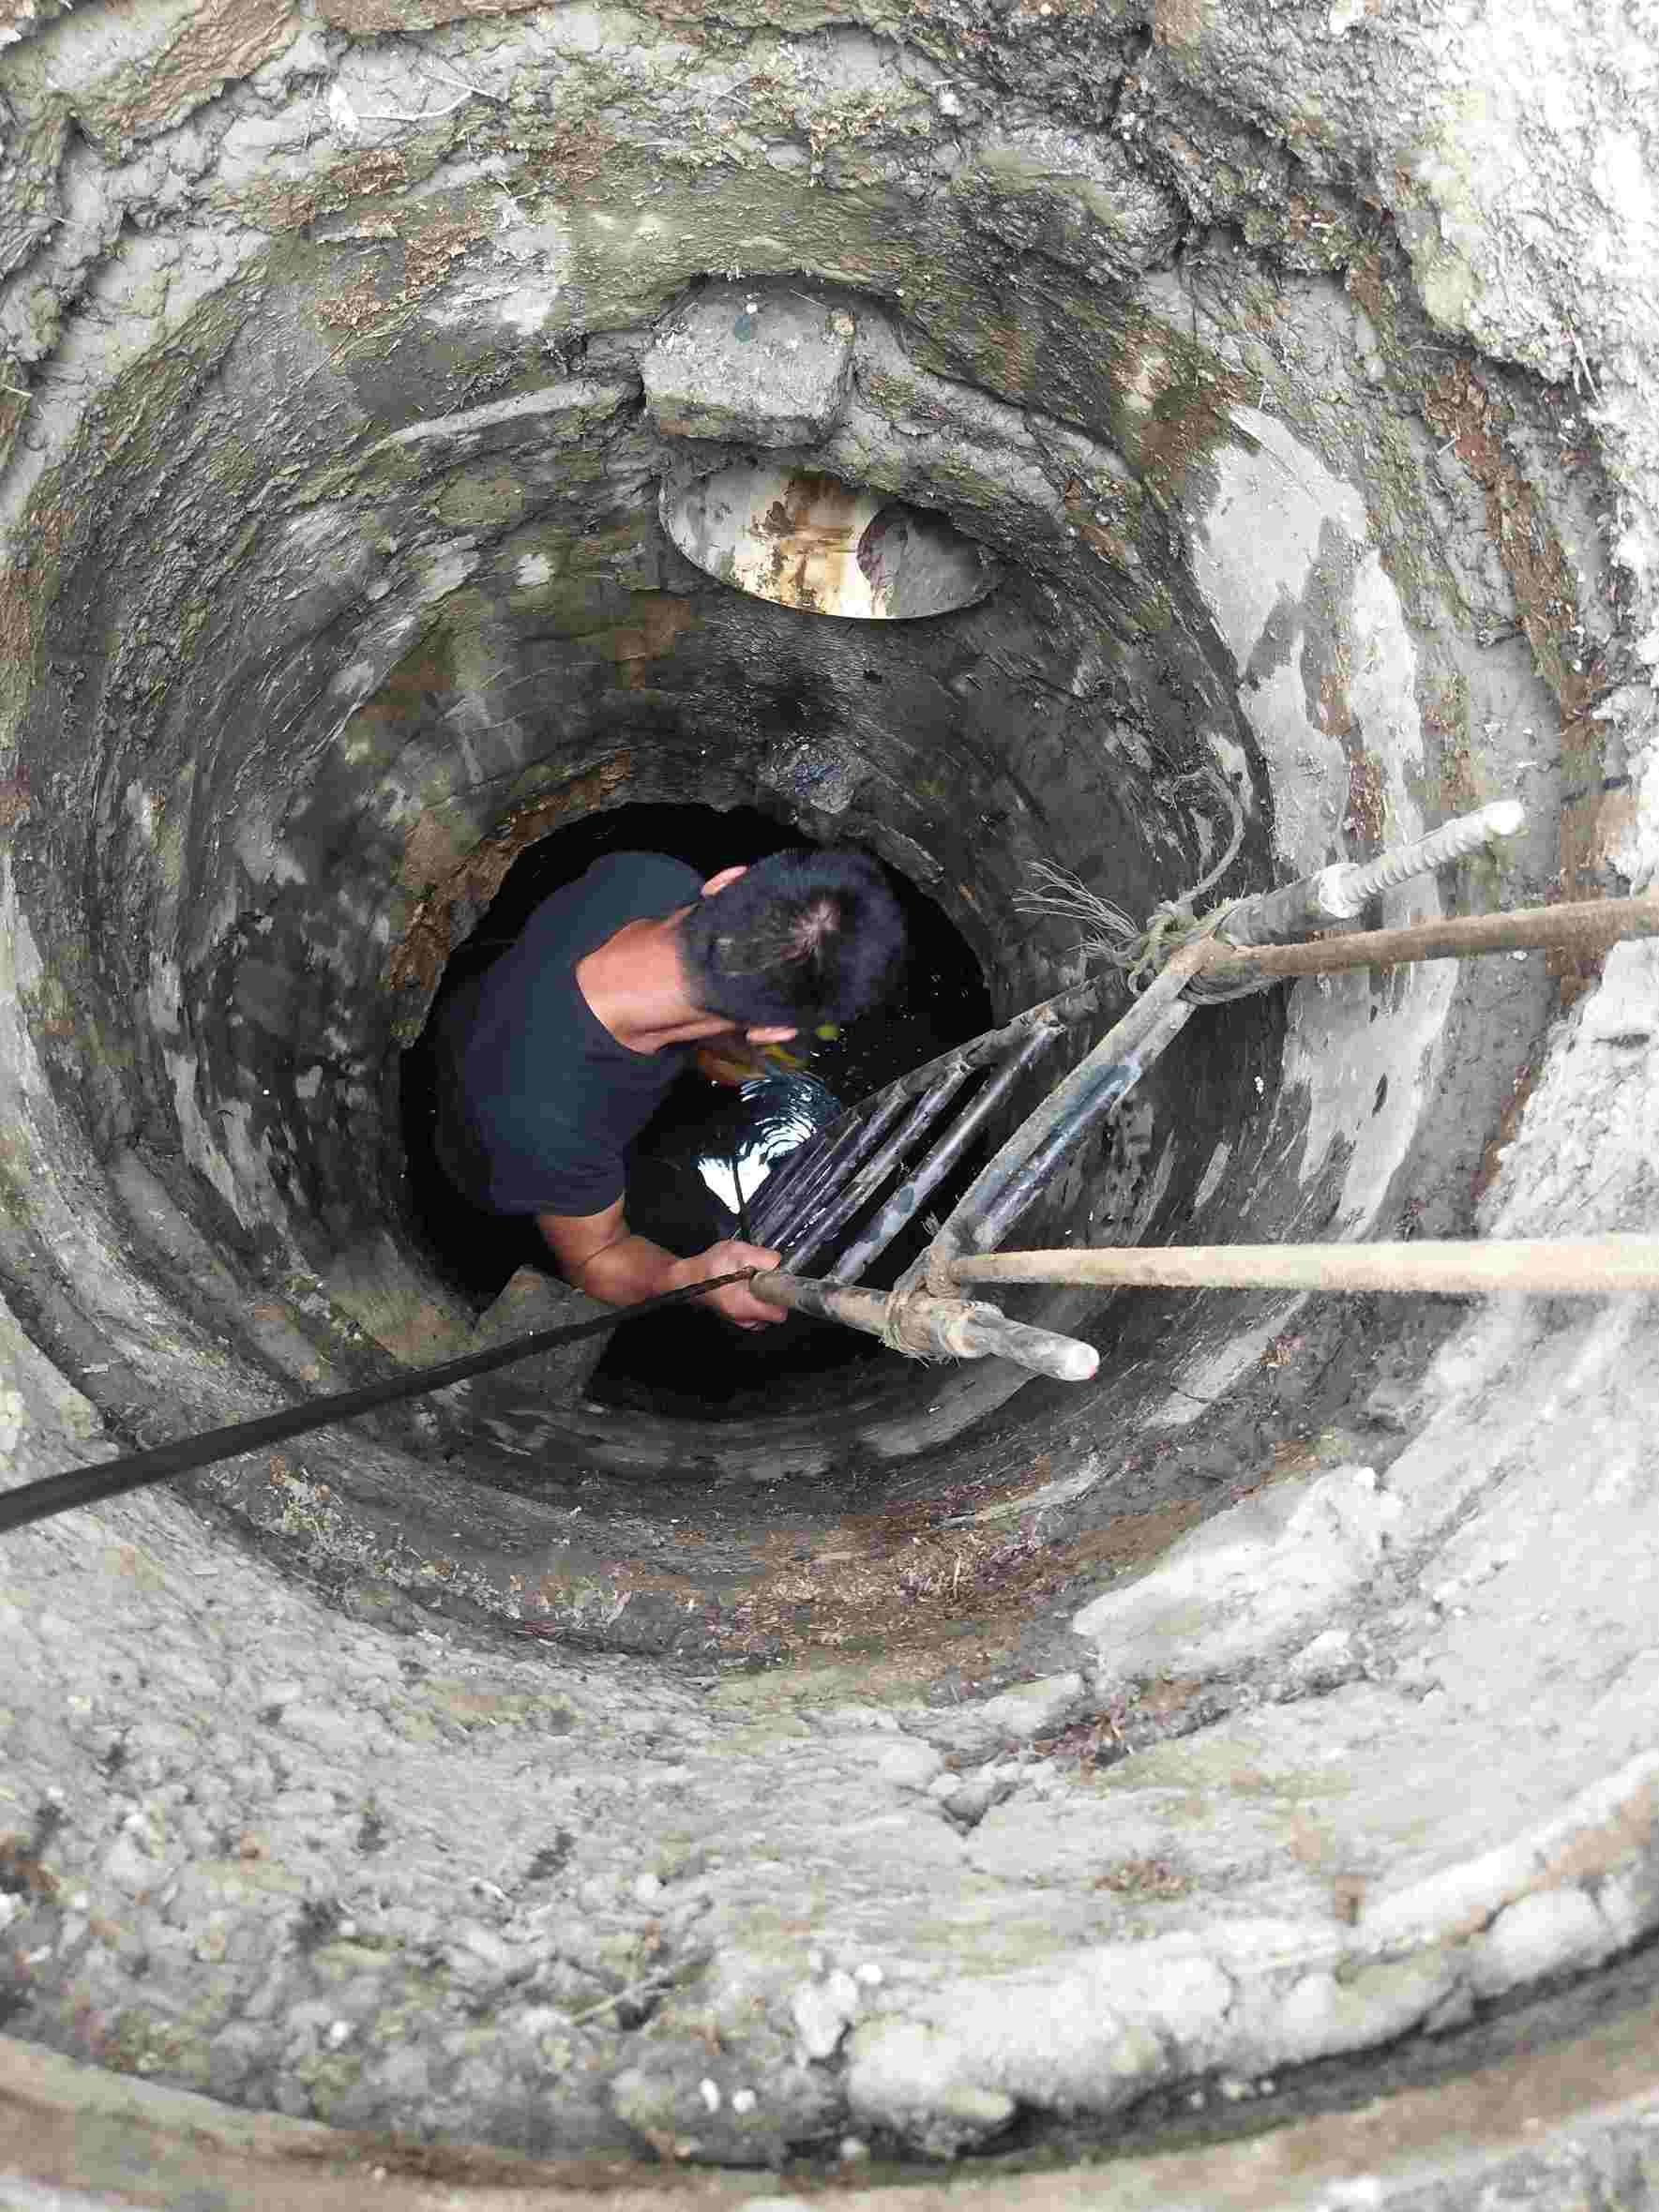 挖通一段后根本无法再继续工作。针对这一情况,金港中队积极落实相关措施,加强协调,一方面积极与爱卫、环卫等沟通协调,组织人员利用两天的时间对百余米的下水管道进行疏通,了管道内沉积的淤泥、污物等,恢复了管道通畅;在炎热的夏季,有很多住宅楼,是多家共用一间厨房的,只要稍不注意就会造成下水道堵塞,使厨房外积污水,现在气温逐渐升高,不仅臭味难闻,而且孳生许多蚊蝇,严重影响。为避免下水道堵塞居民们应注意:1.